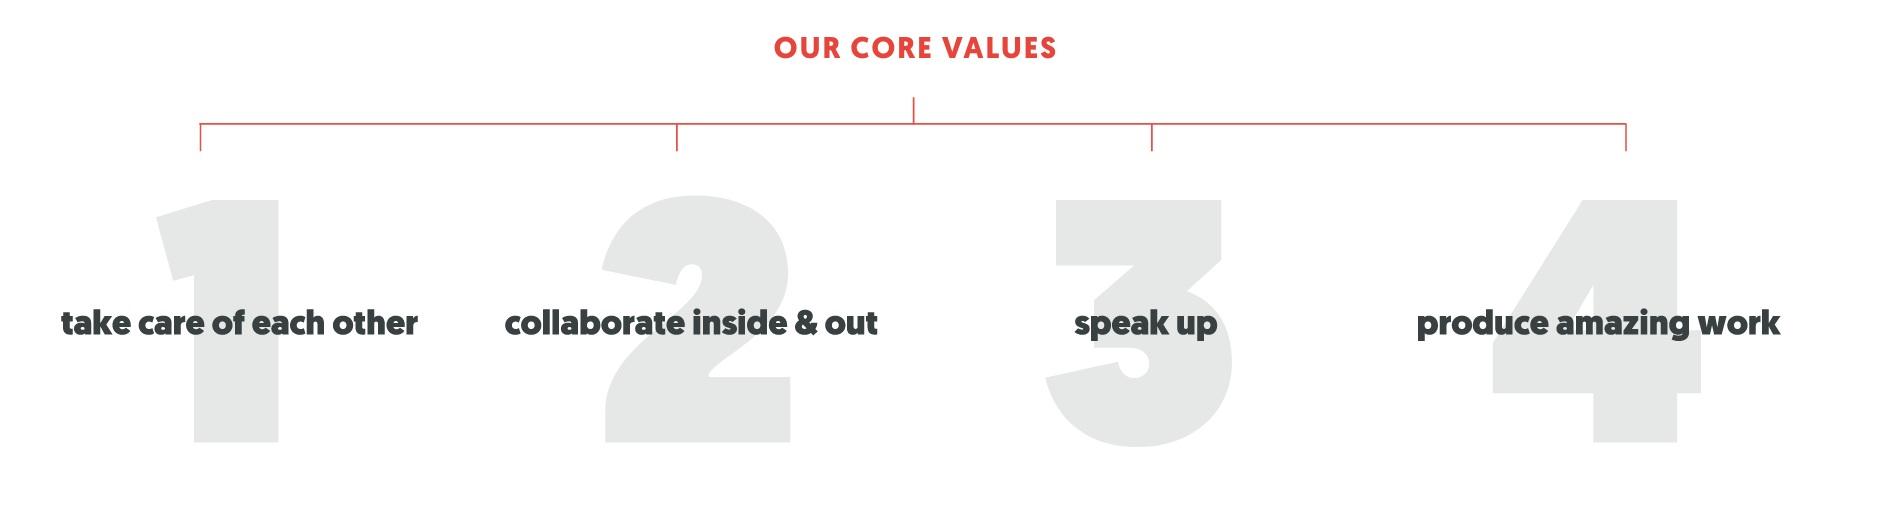 Big Spaceship's core values.